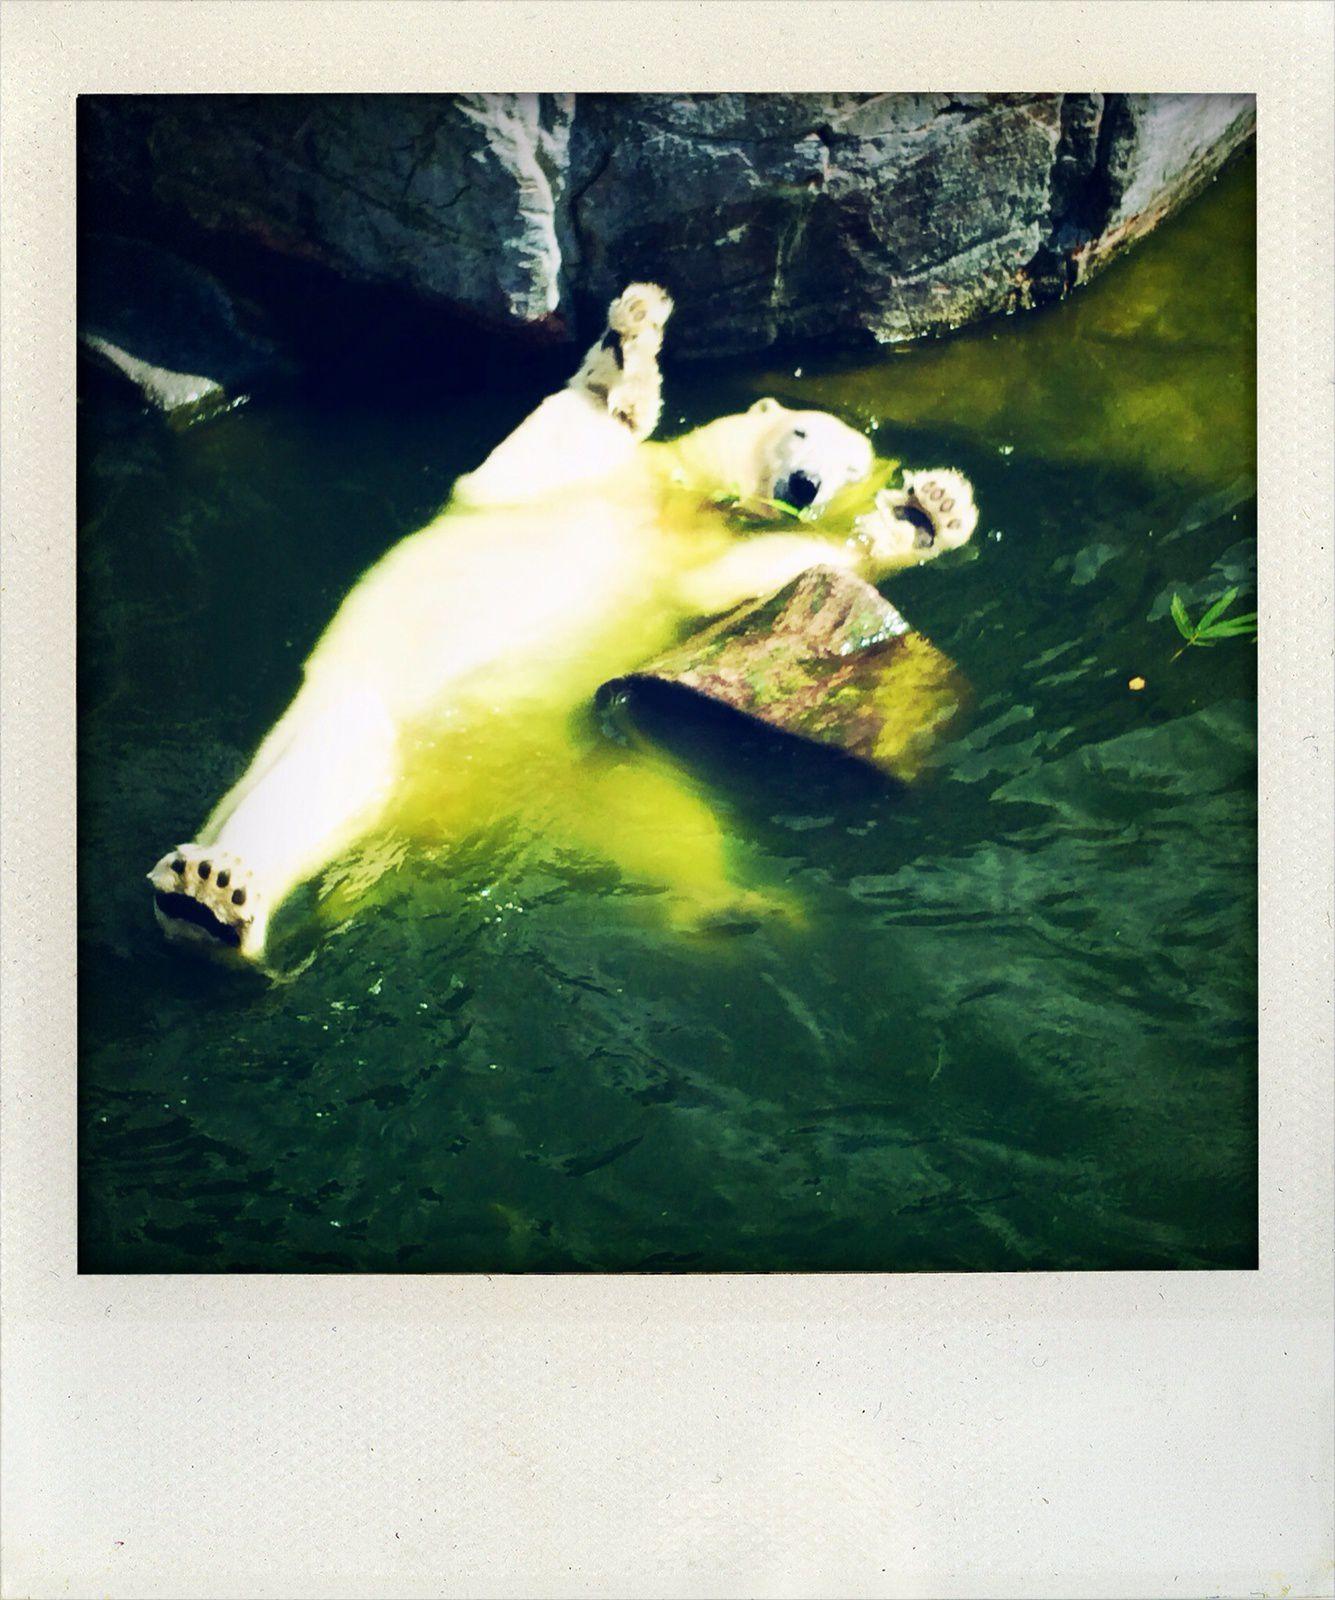 Un vrai bonheur cette peluche de 3 mètres qui s'ébat dans l'eau fraiche